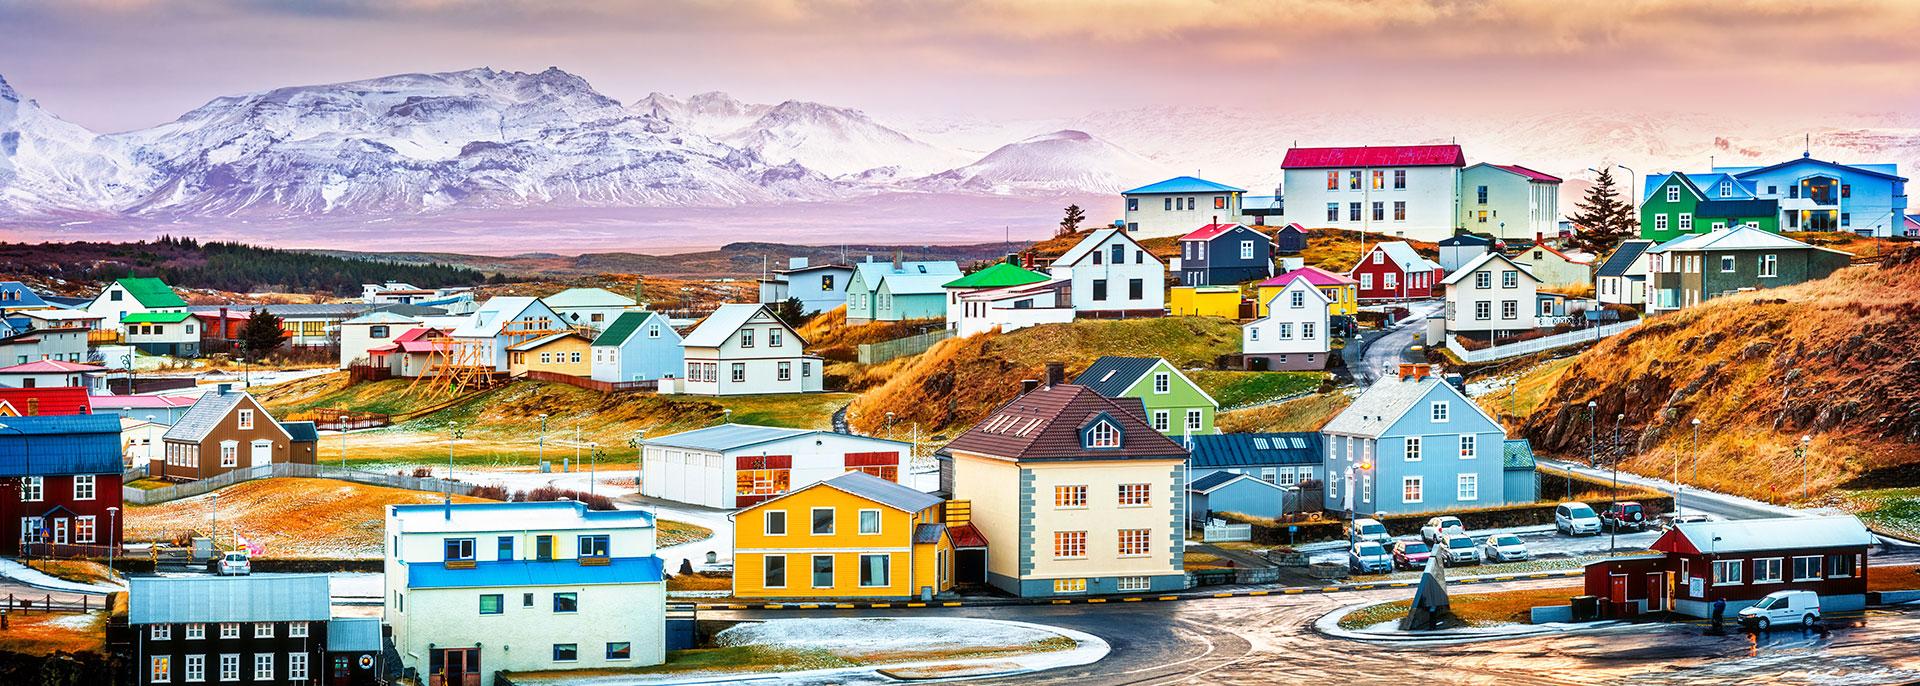 Con un área de 10 kilómetros cuadrados, el municipio de Islandia es en términos de extensión uno de los más pequeños de la región y de toda la isla. Su población es de 1.100 habitantes, según el censo de 2011, para una densidad de 110 habitantes por kilómetro cuadrado